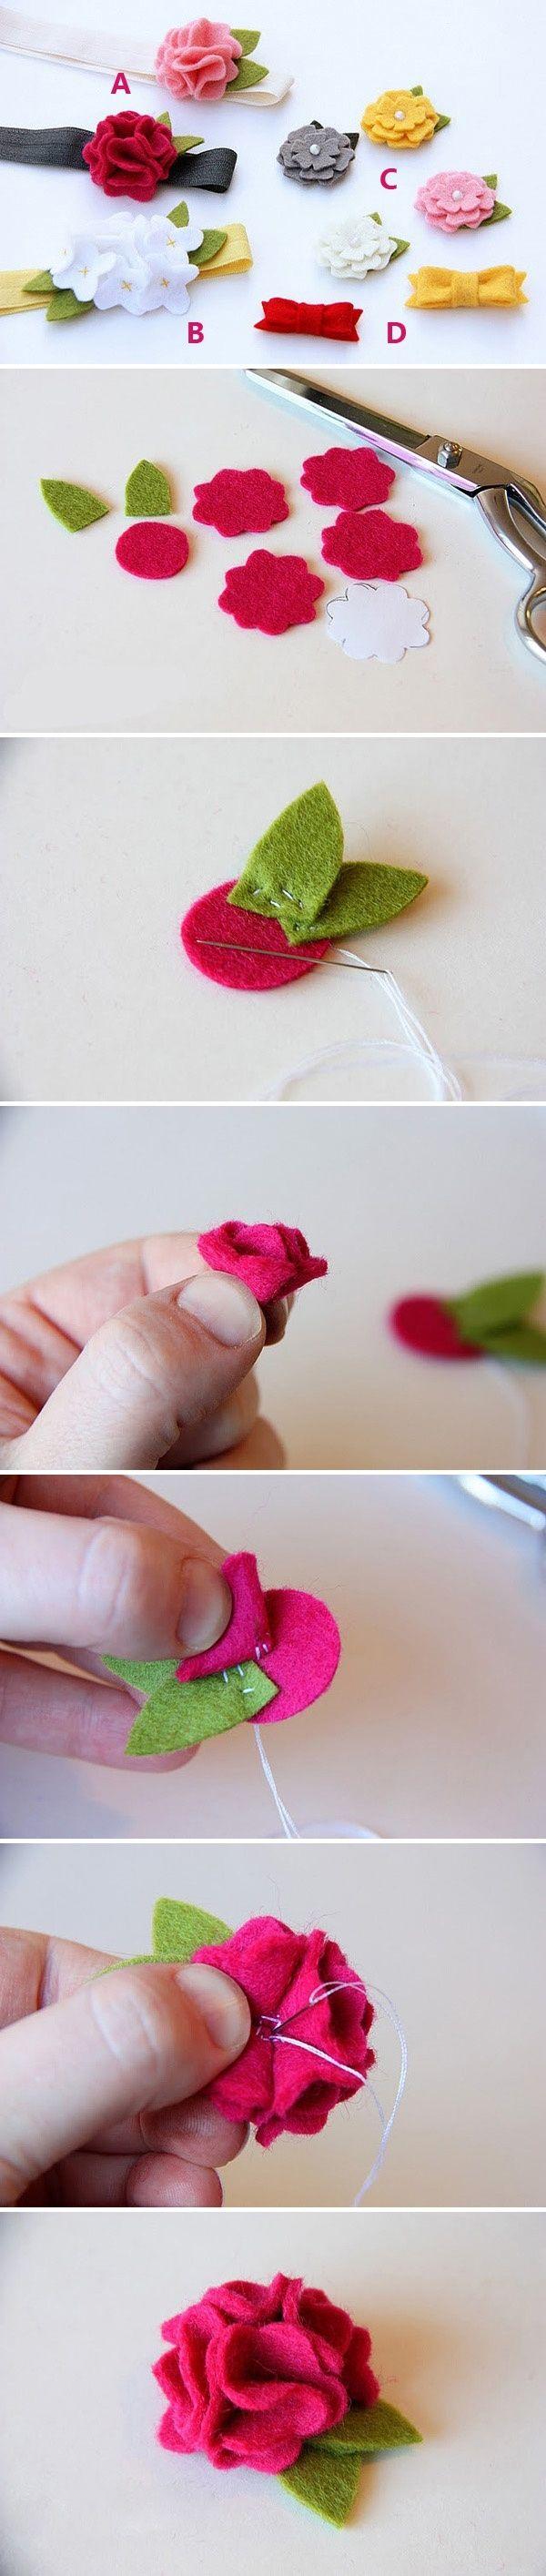 Felt flower tutorial by Banphrionsa